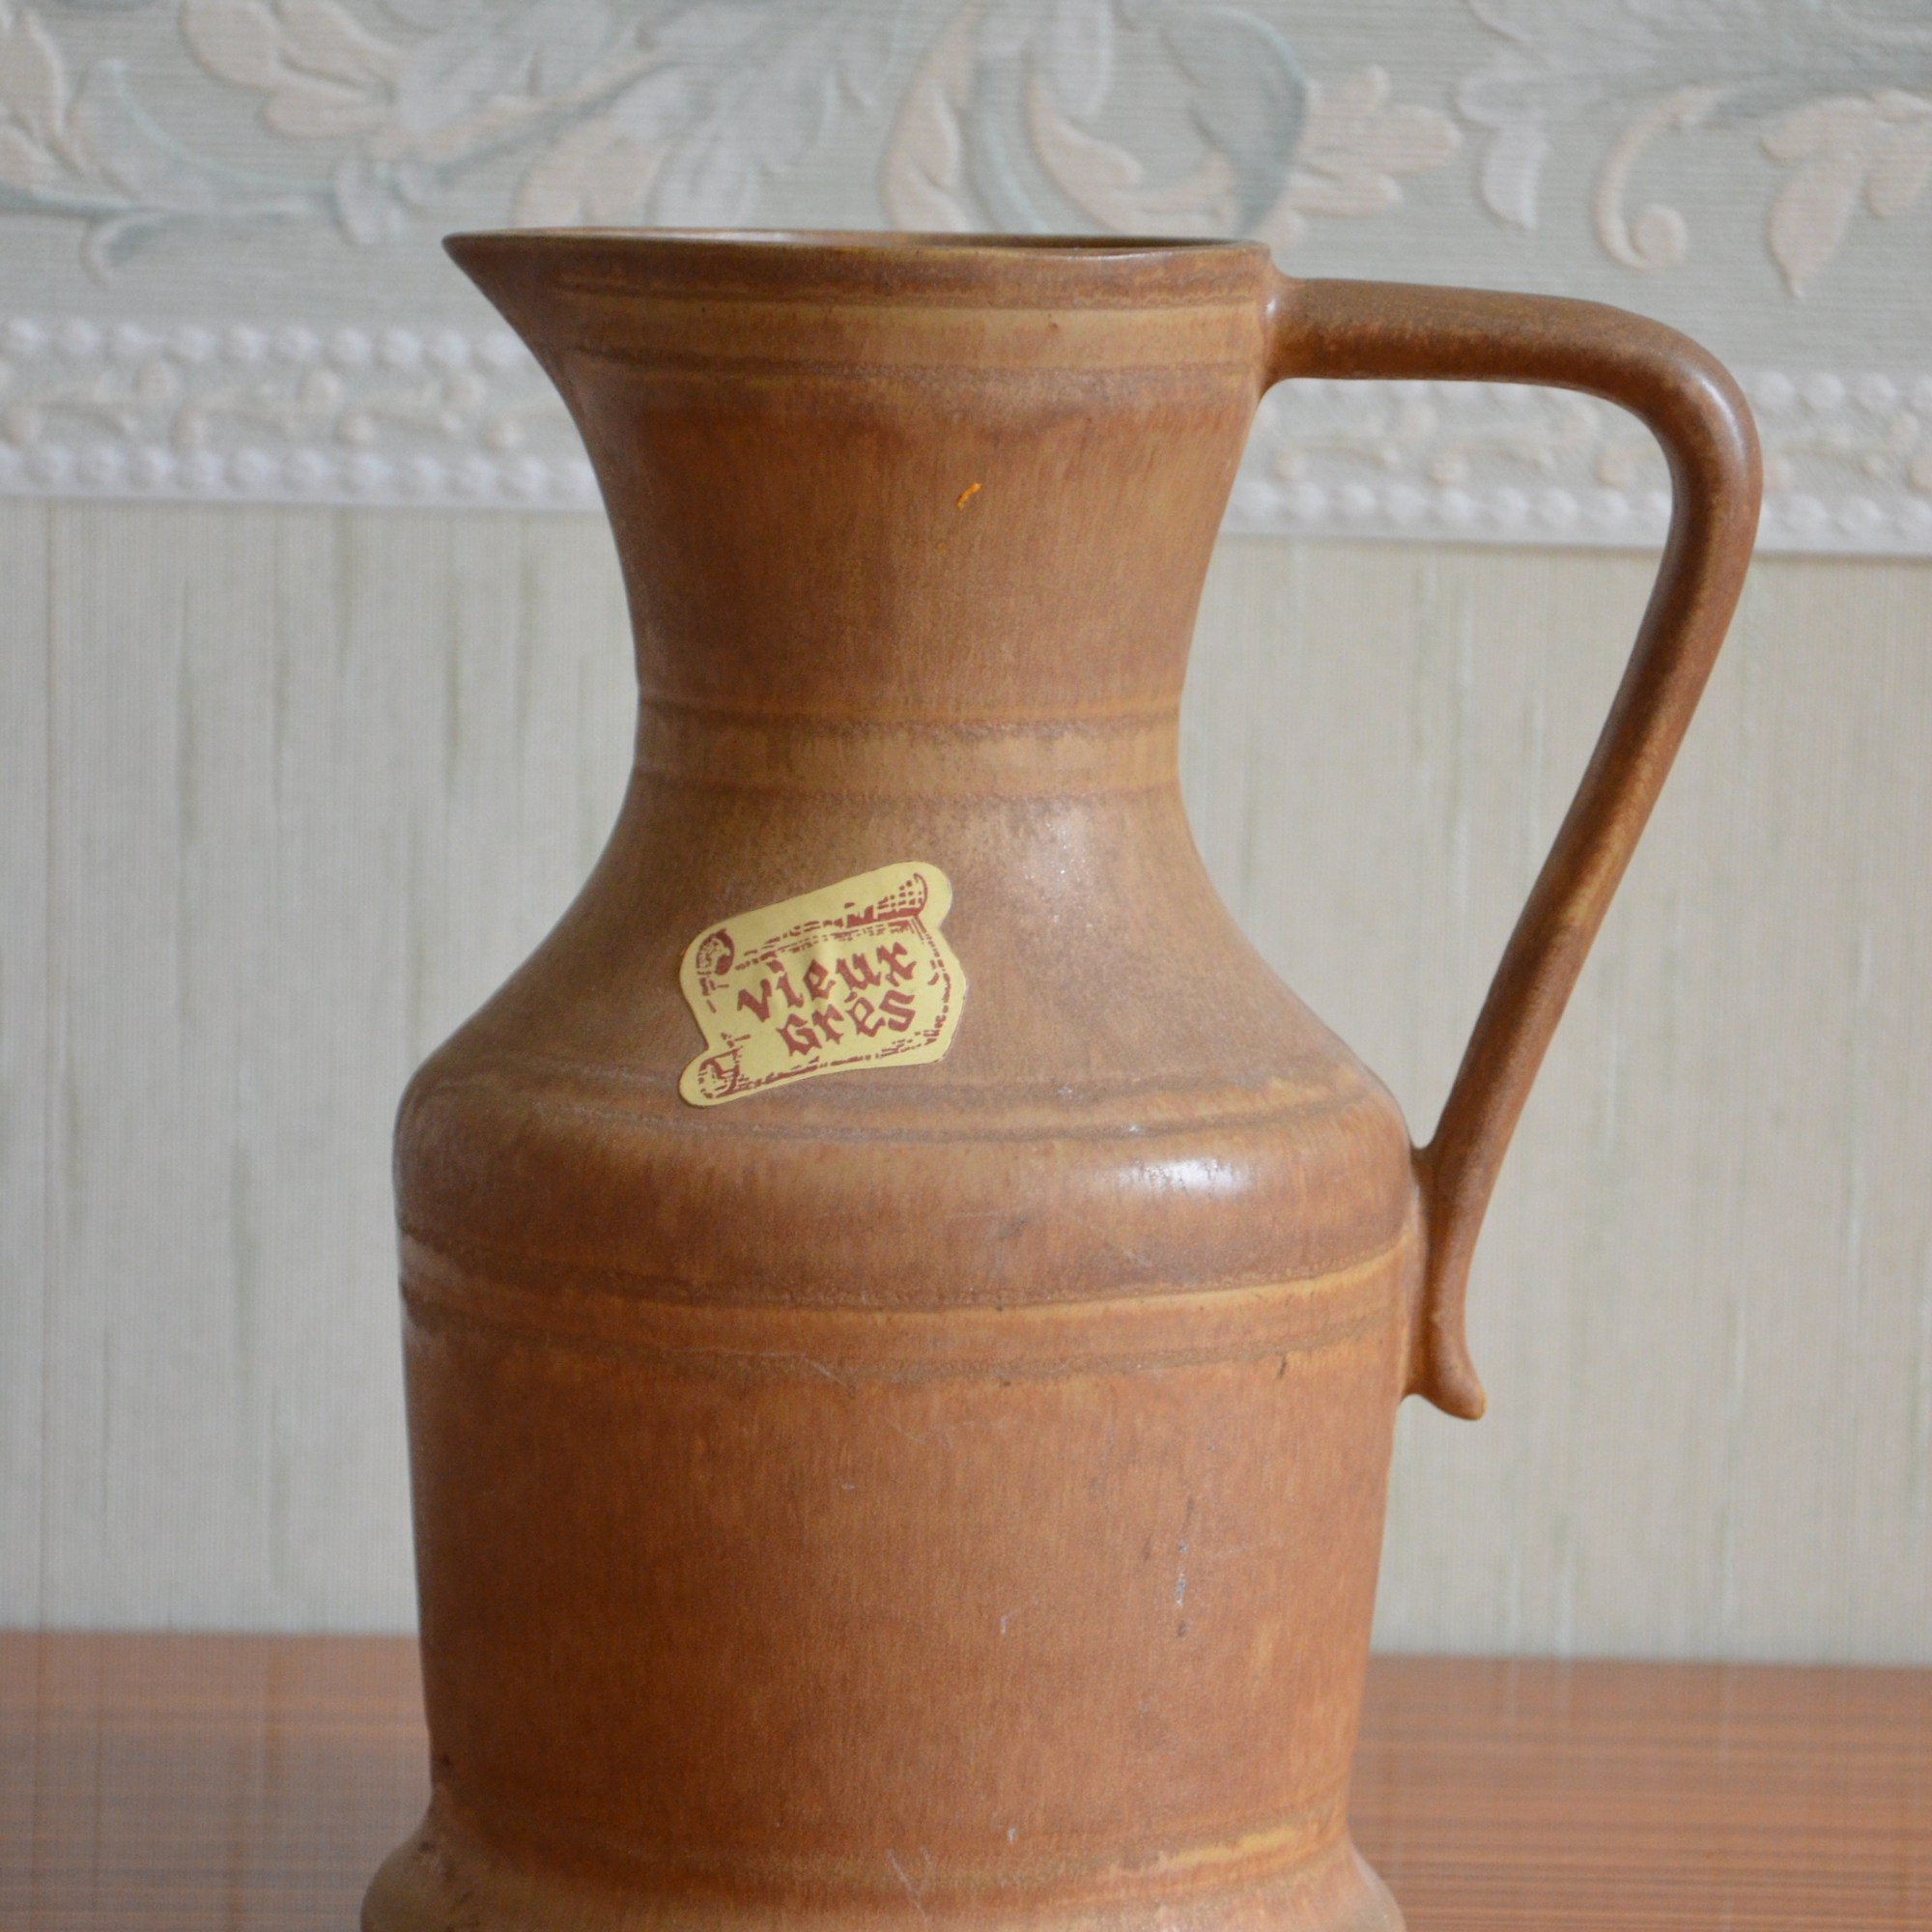 Carafe en vieux grès Rhodacéram avec une anse. L'étiquette d'origine est encore en place.